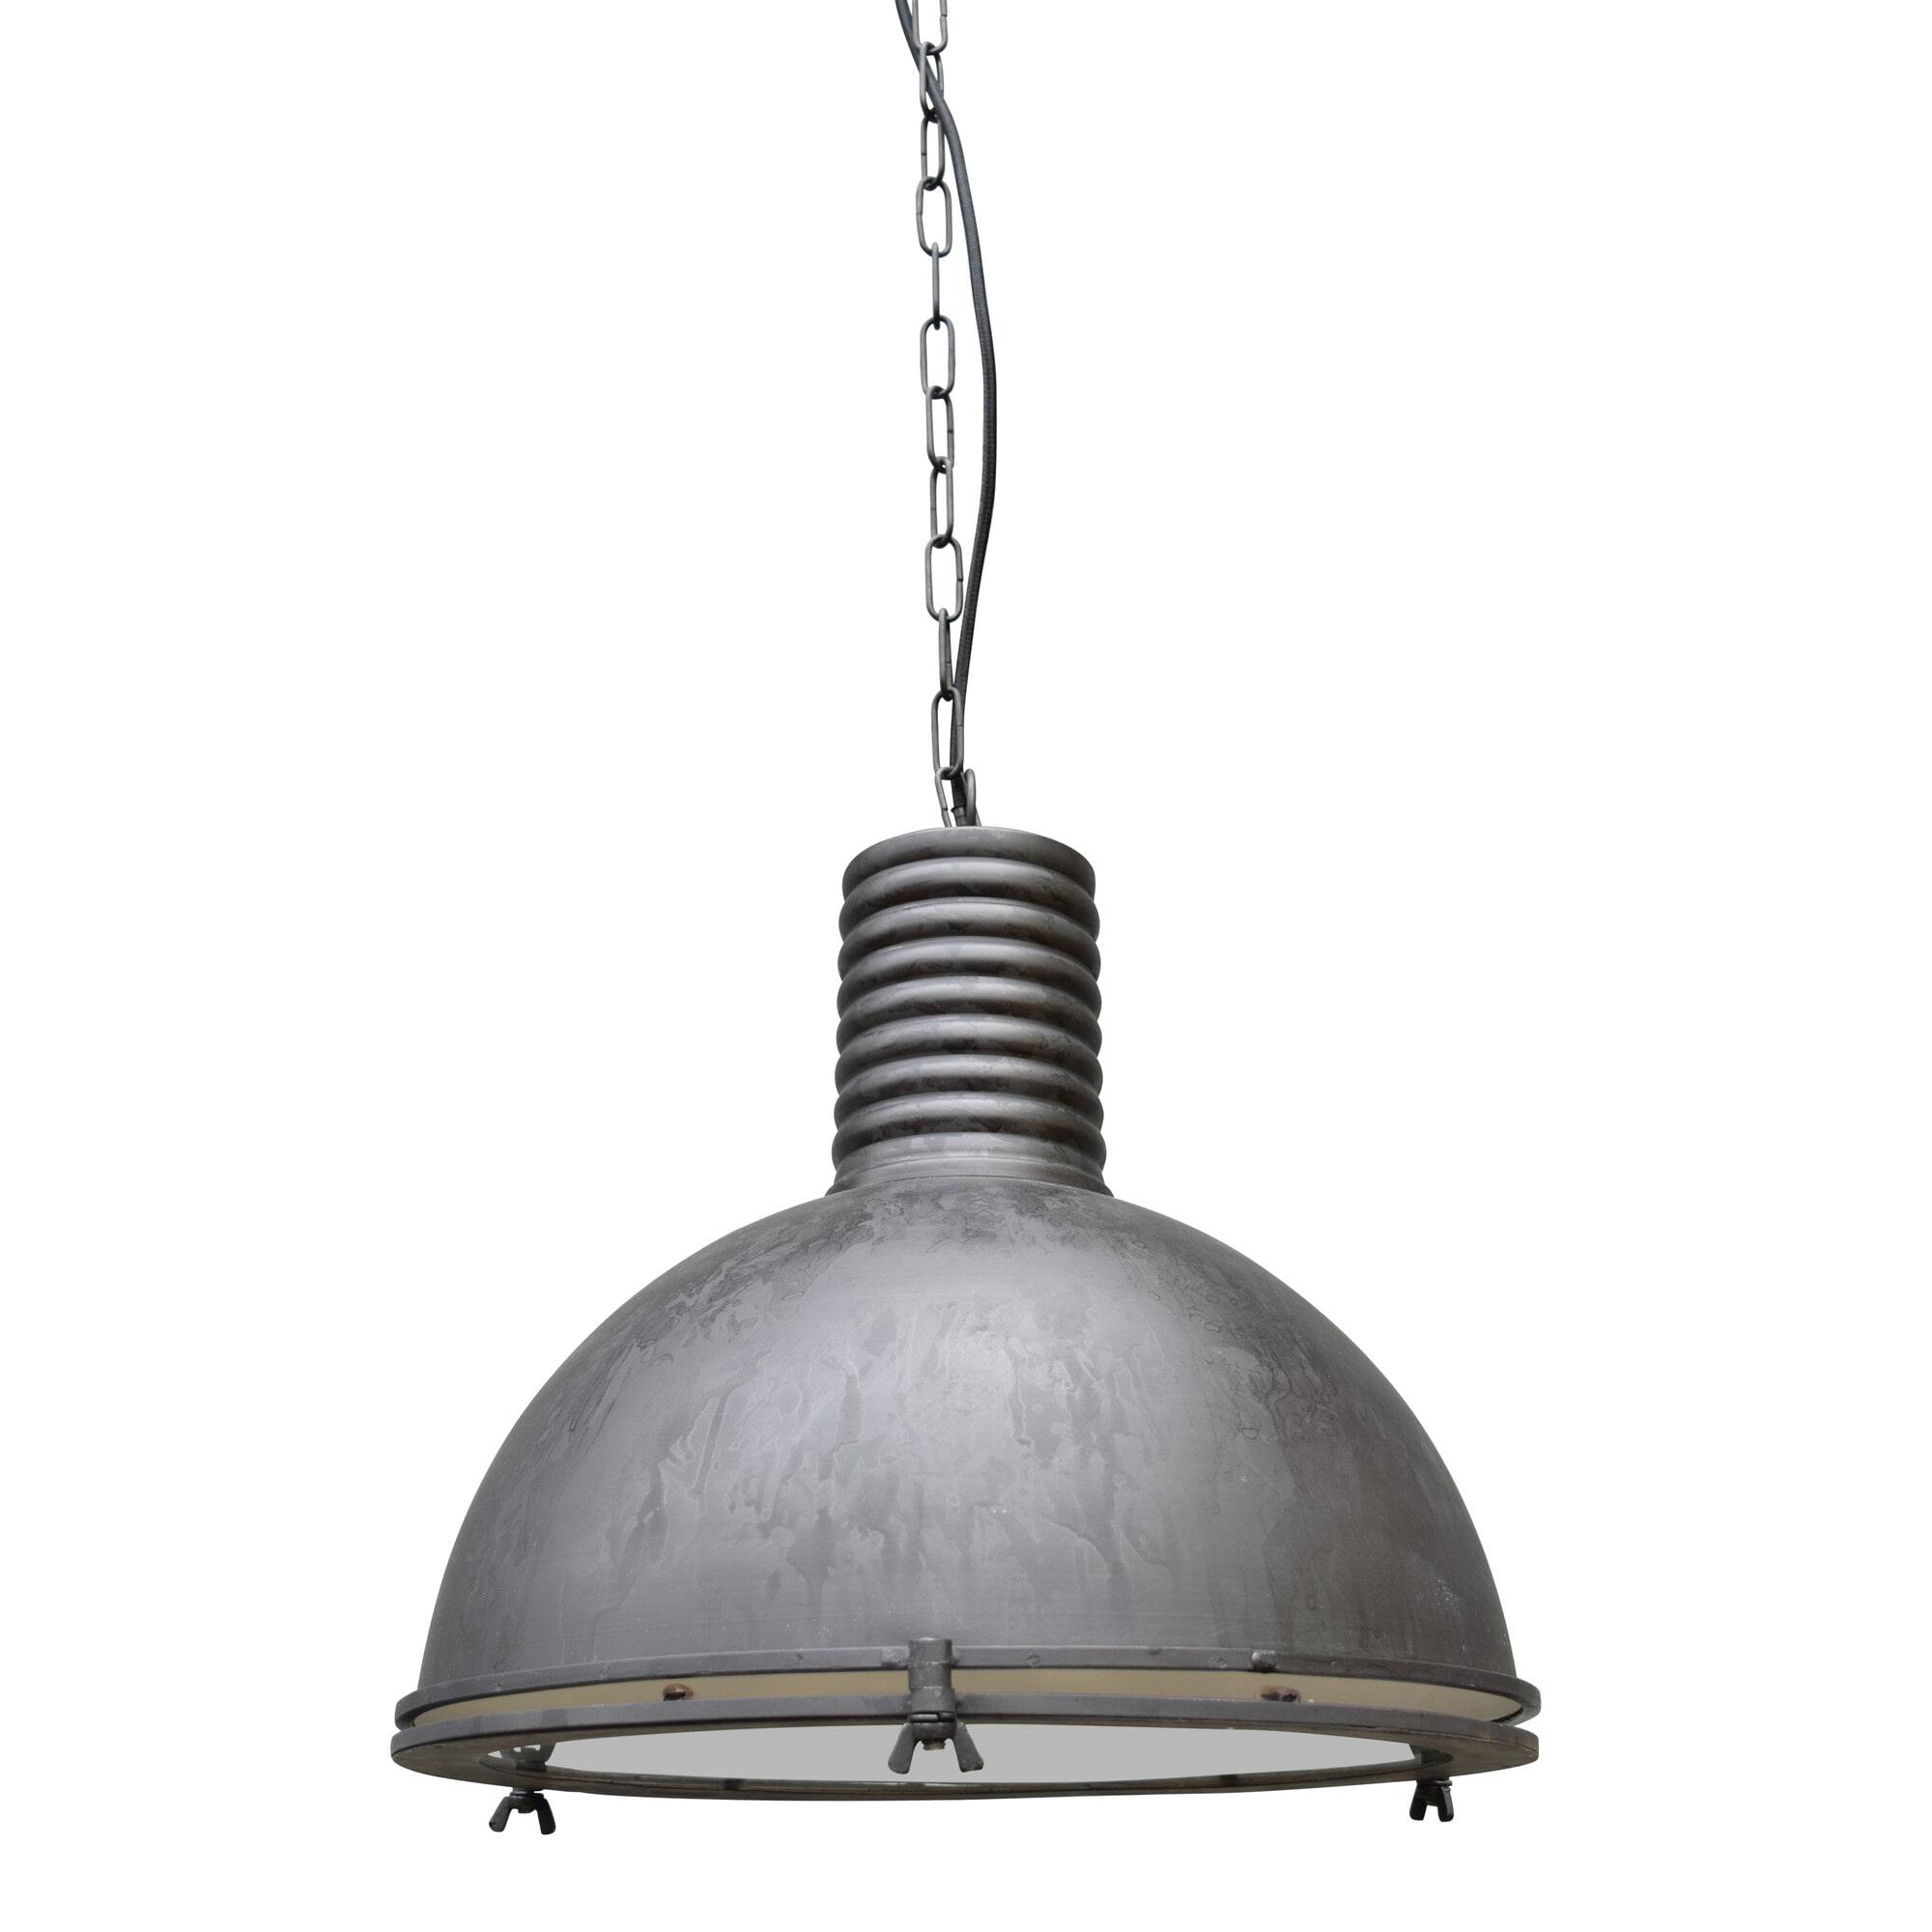 Urban Interiors hanglamp 'Vintage' Ø40cm, kleur Rough Black Verlichting | Hanglampen vergelijken doe je het voordeligst hier bij Meubelpartner